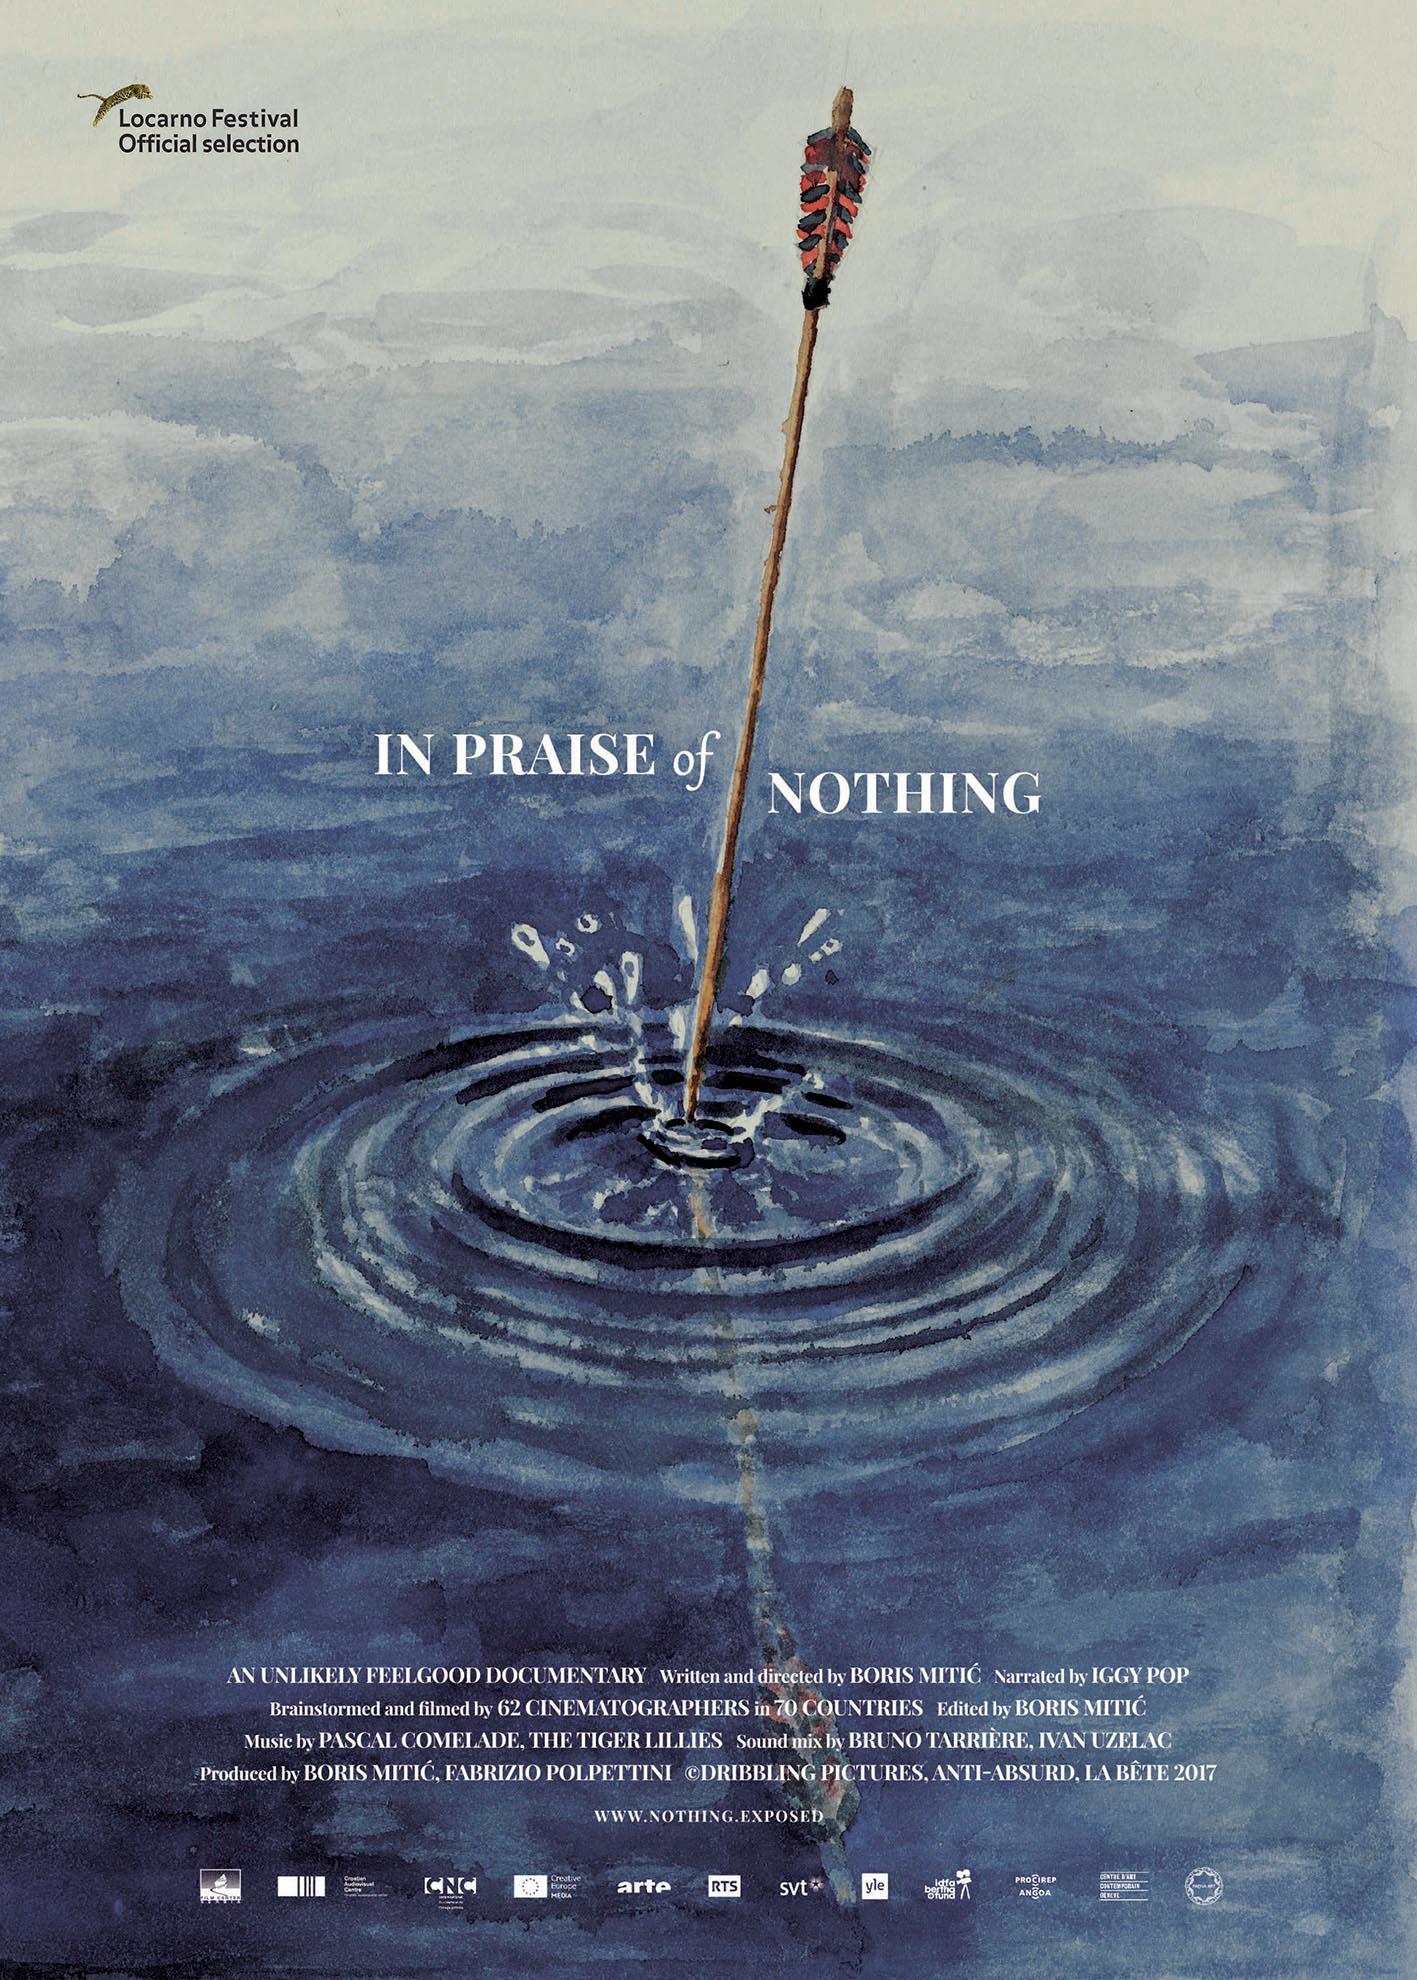 بوستر فيلم في مدح لاشيء - إخراج: بوريس ميتيتش - مدة العرض: ٧٨ ق